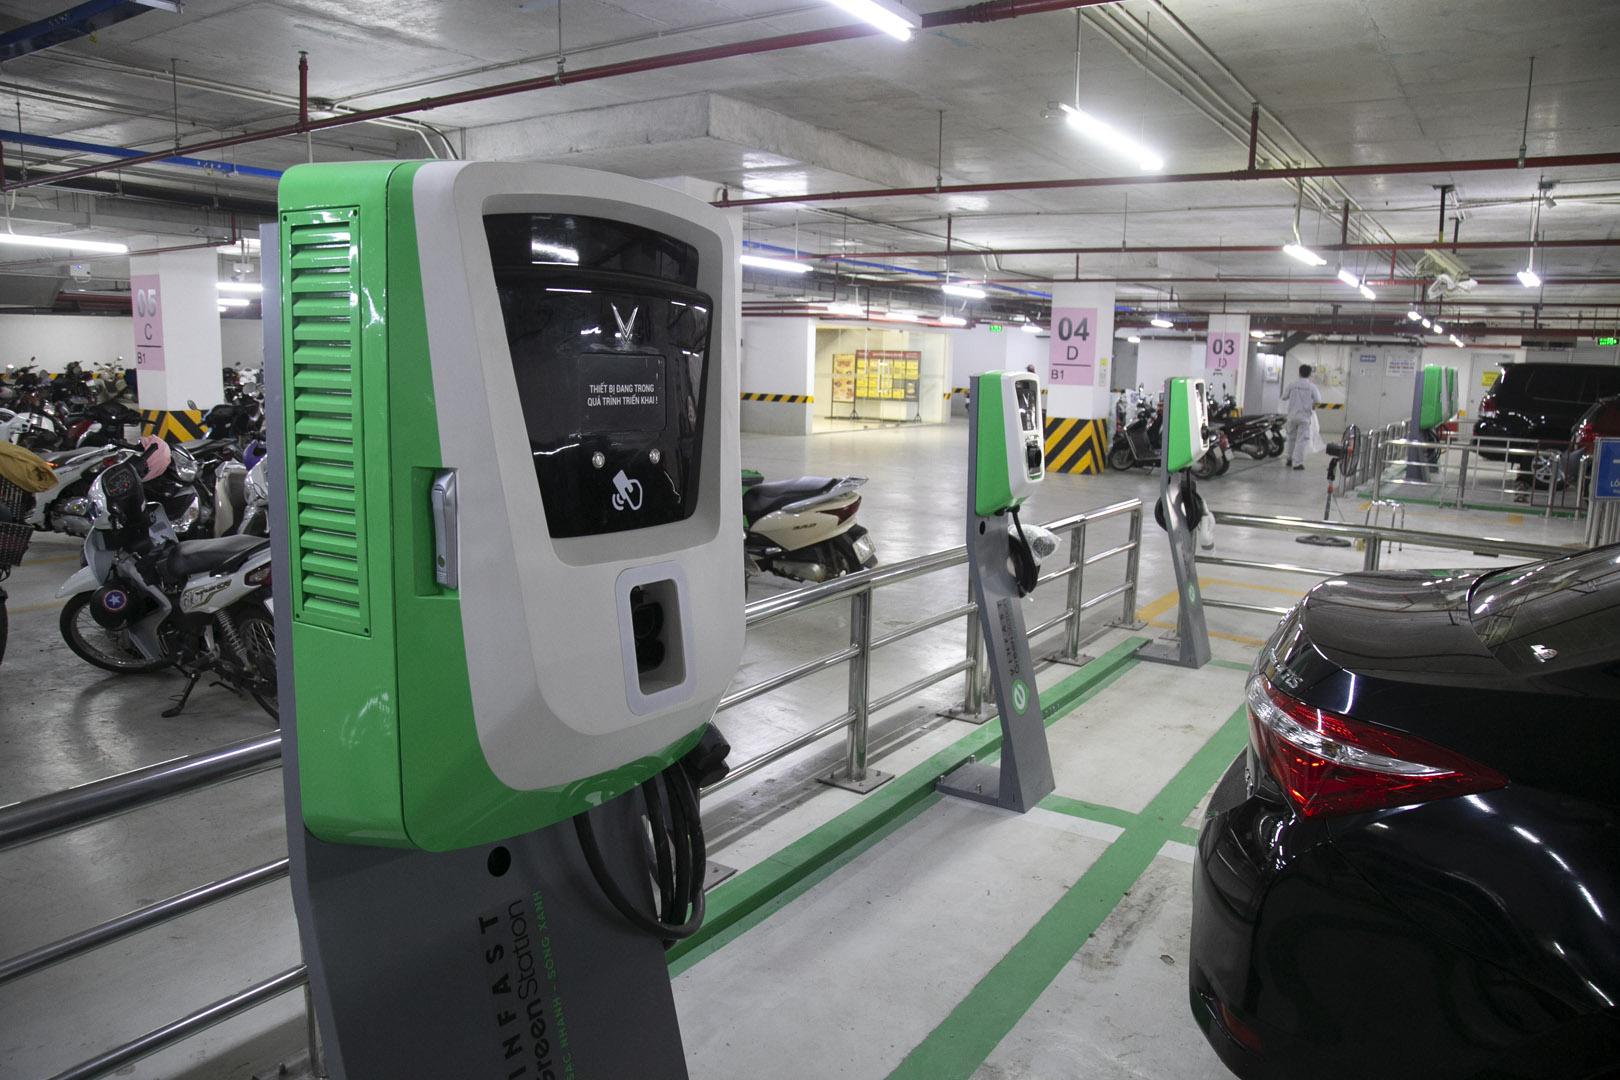 VinFast lắp đặt thần tốc hơn 8.100 cổng sạc ô tô, xe máy điện tại 60 tỉnh thành - Ảnh 7.